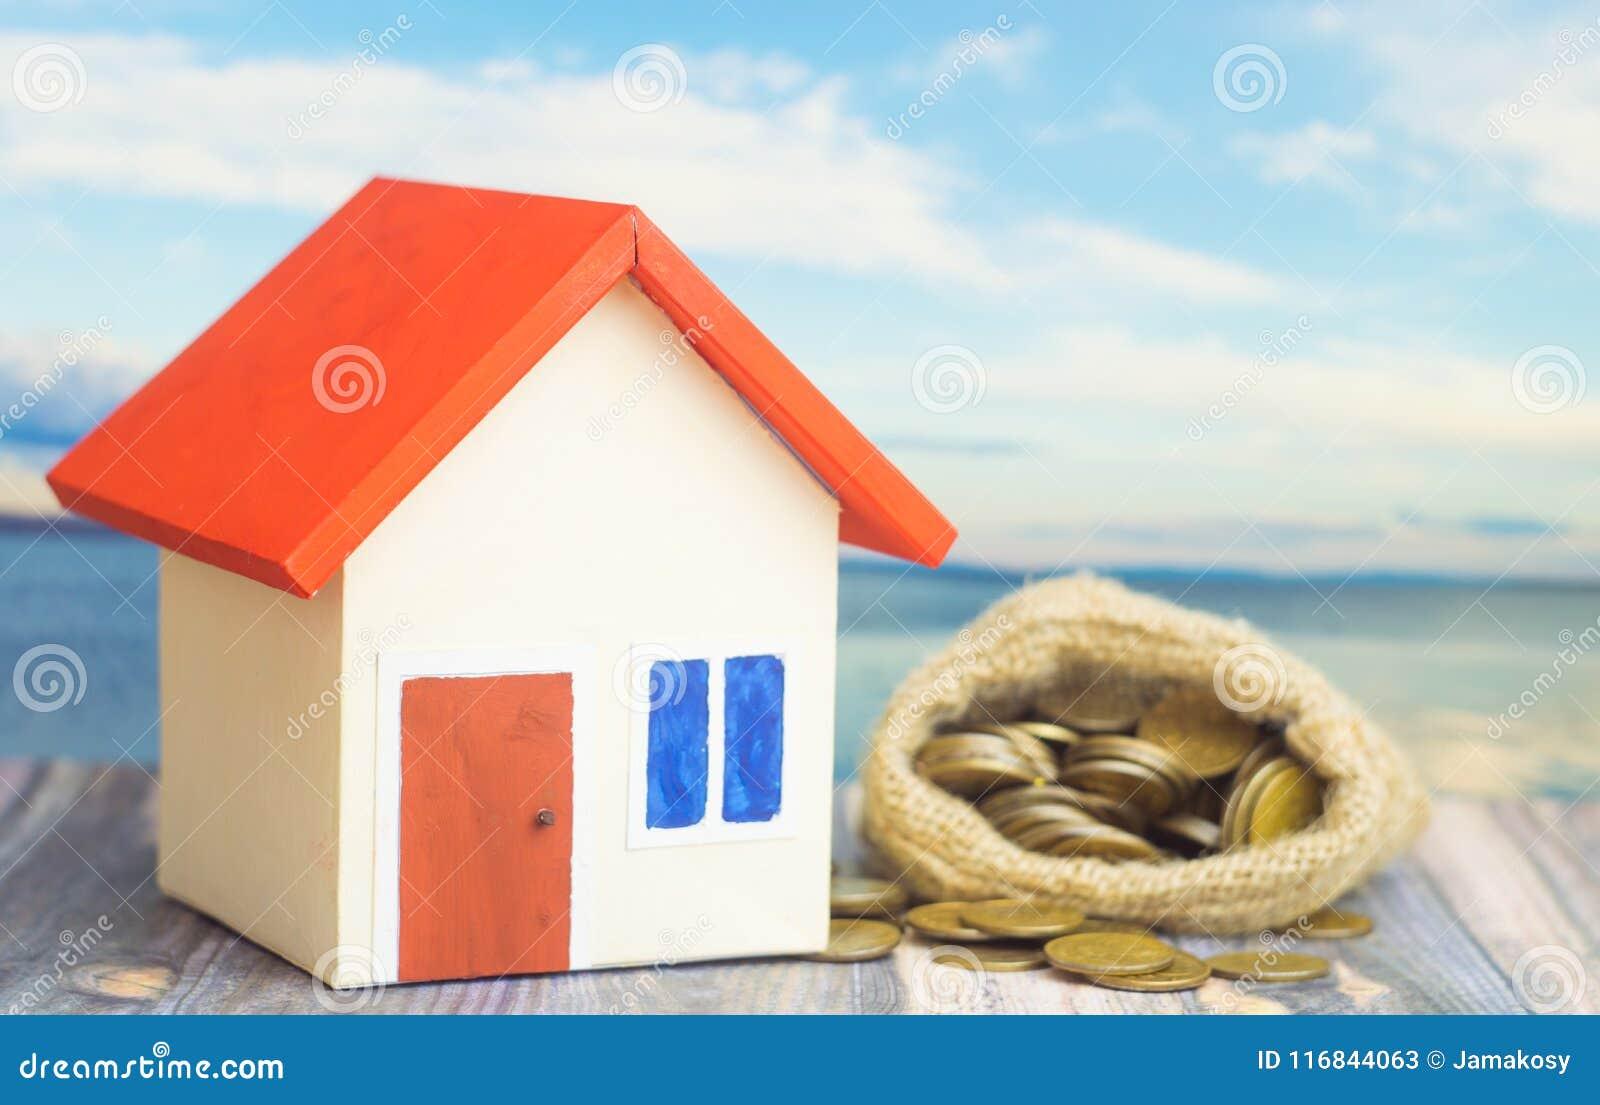 有红色屋顶的一个家在与袋子的蓝色背景从有硬币金钱的大袋在出售或购买家里面的概念